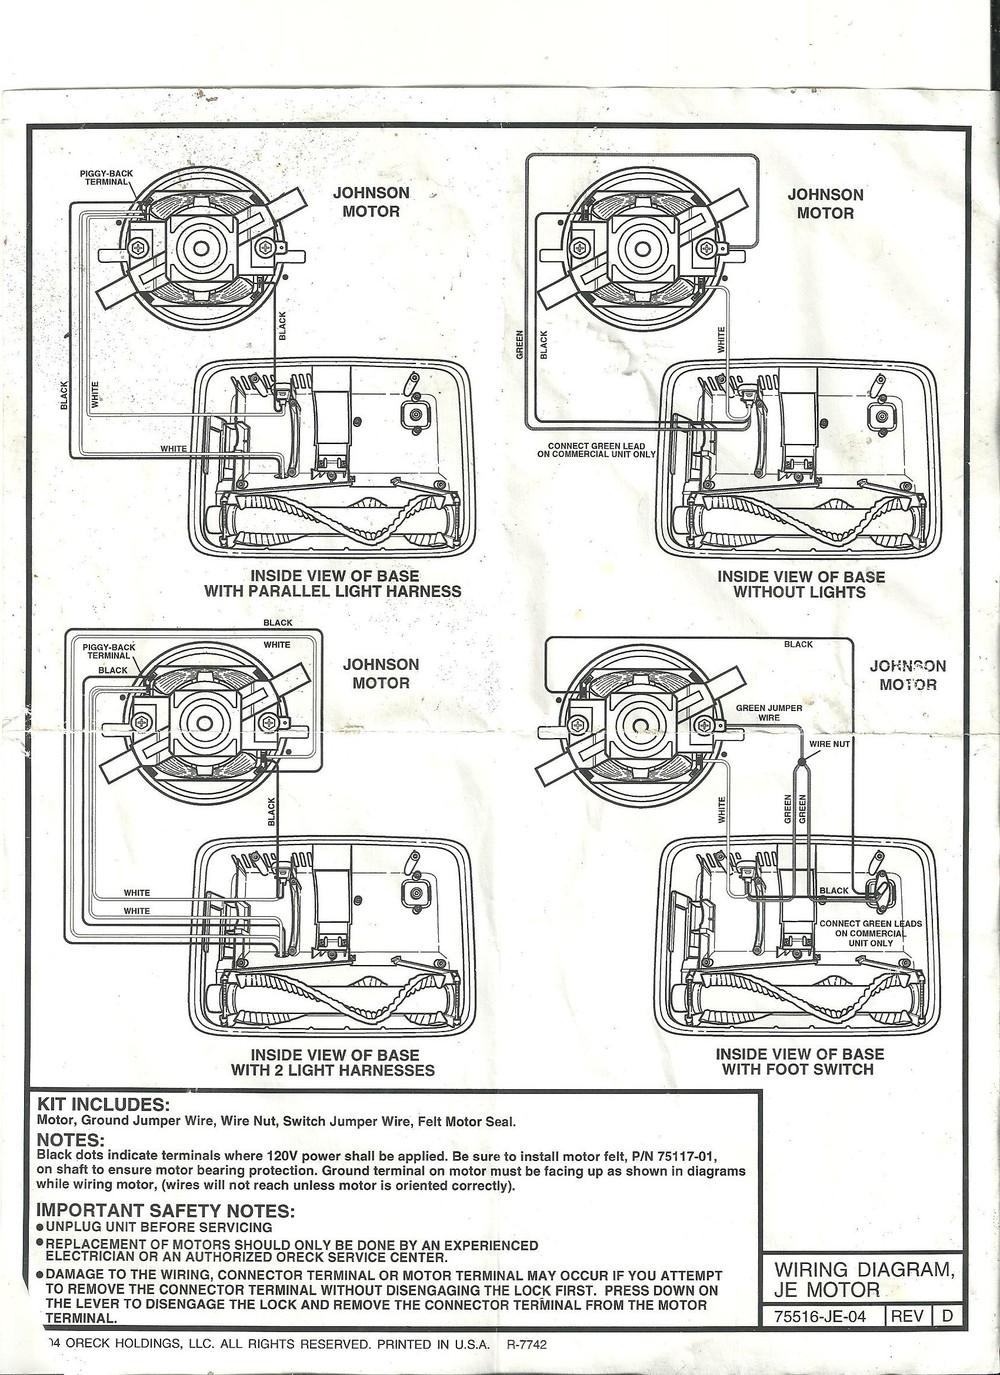 wiring diagram for a lamb vacuum motor